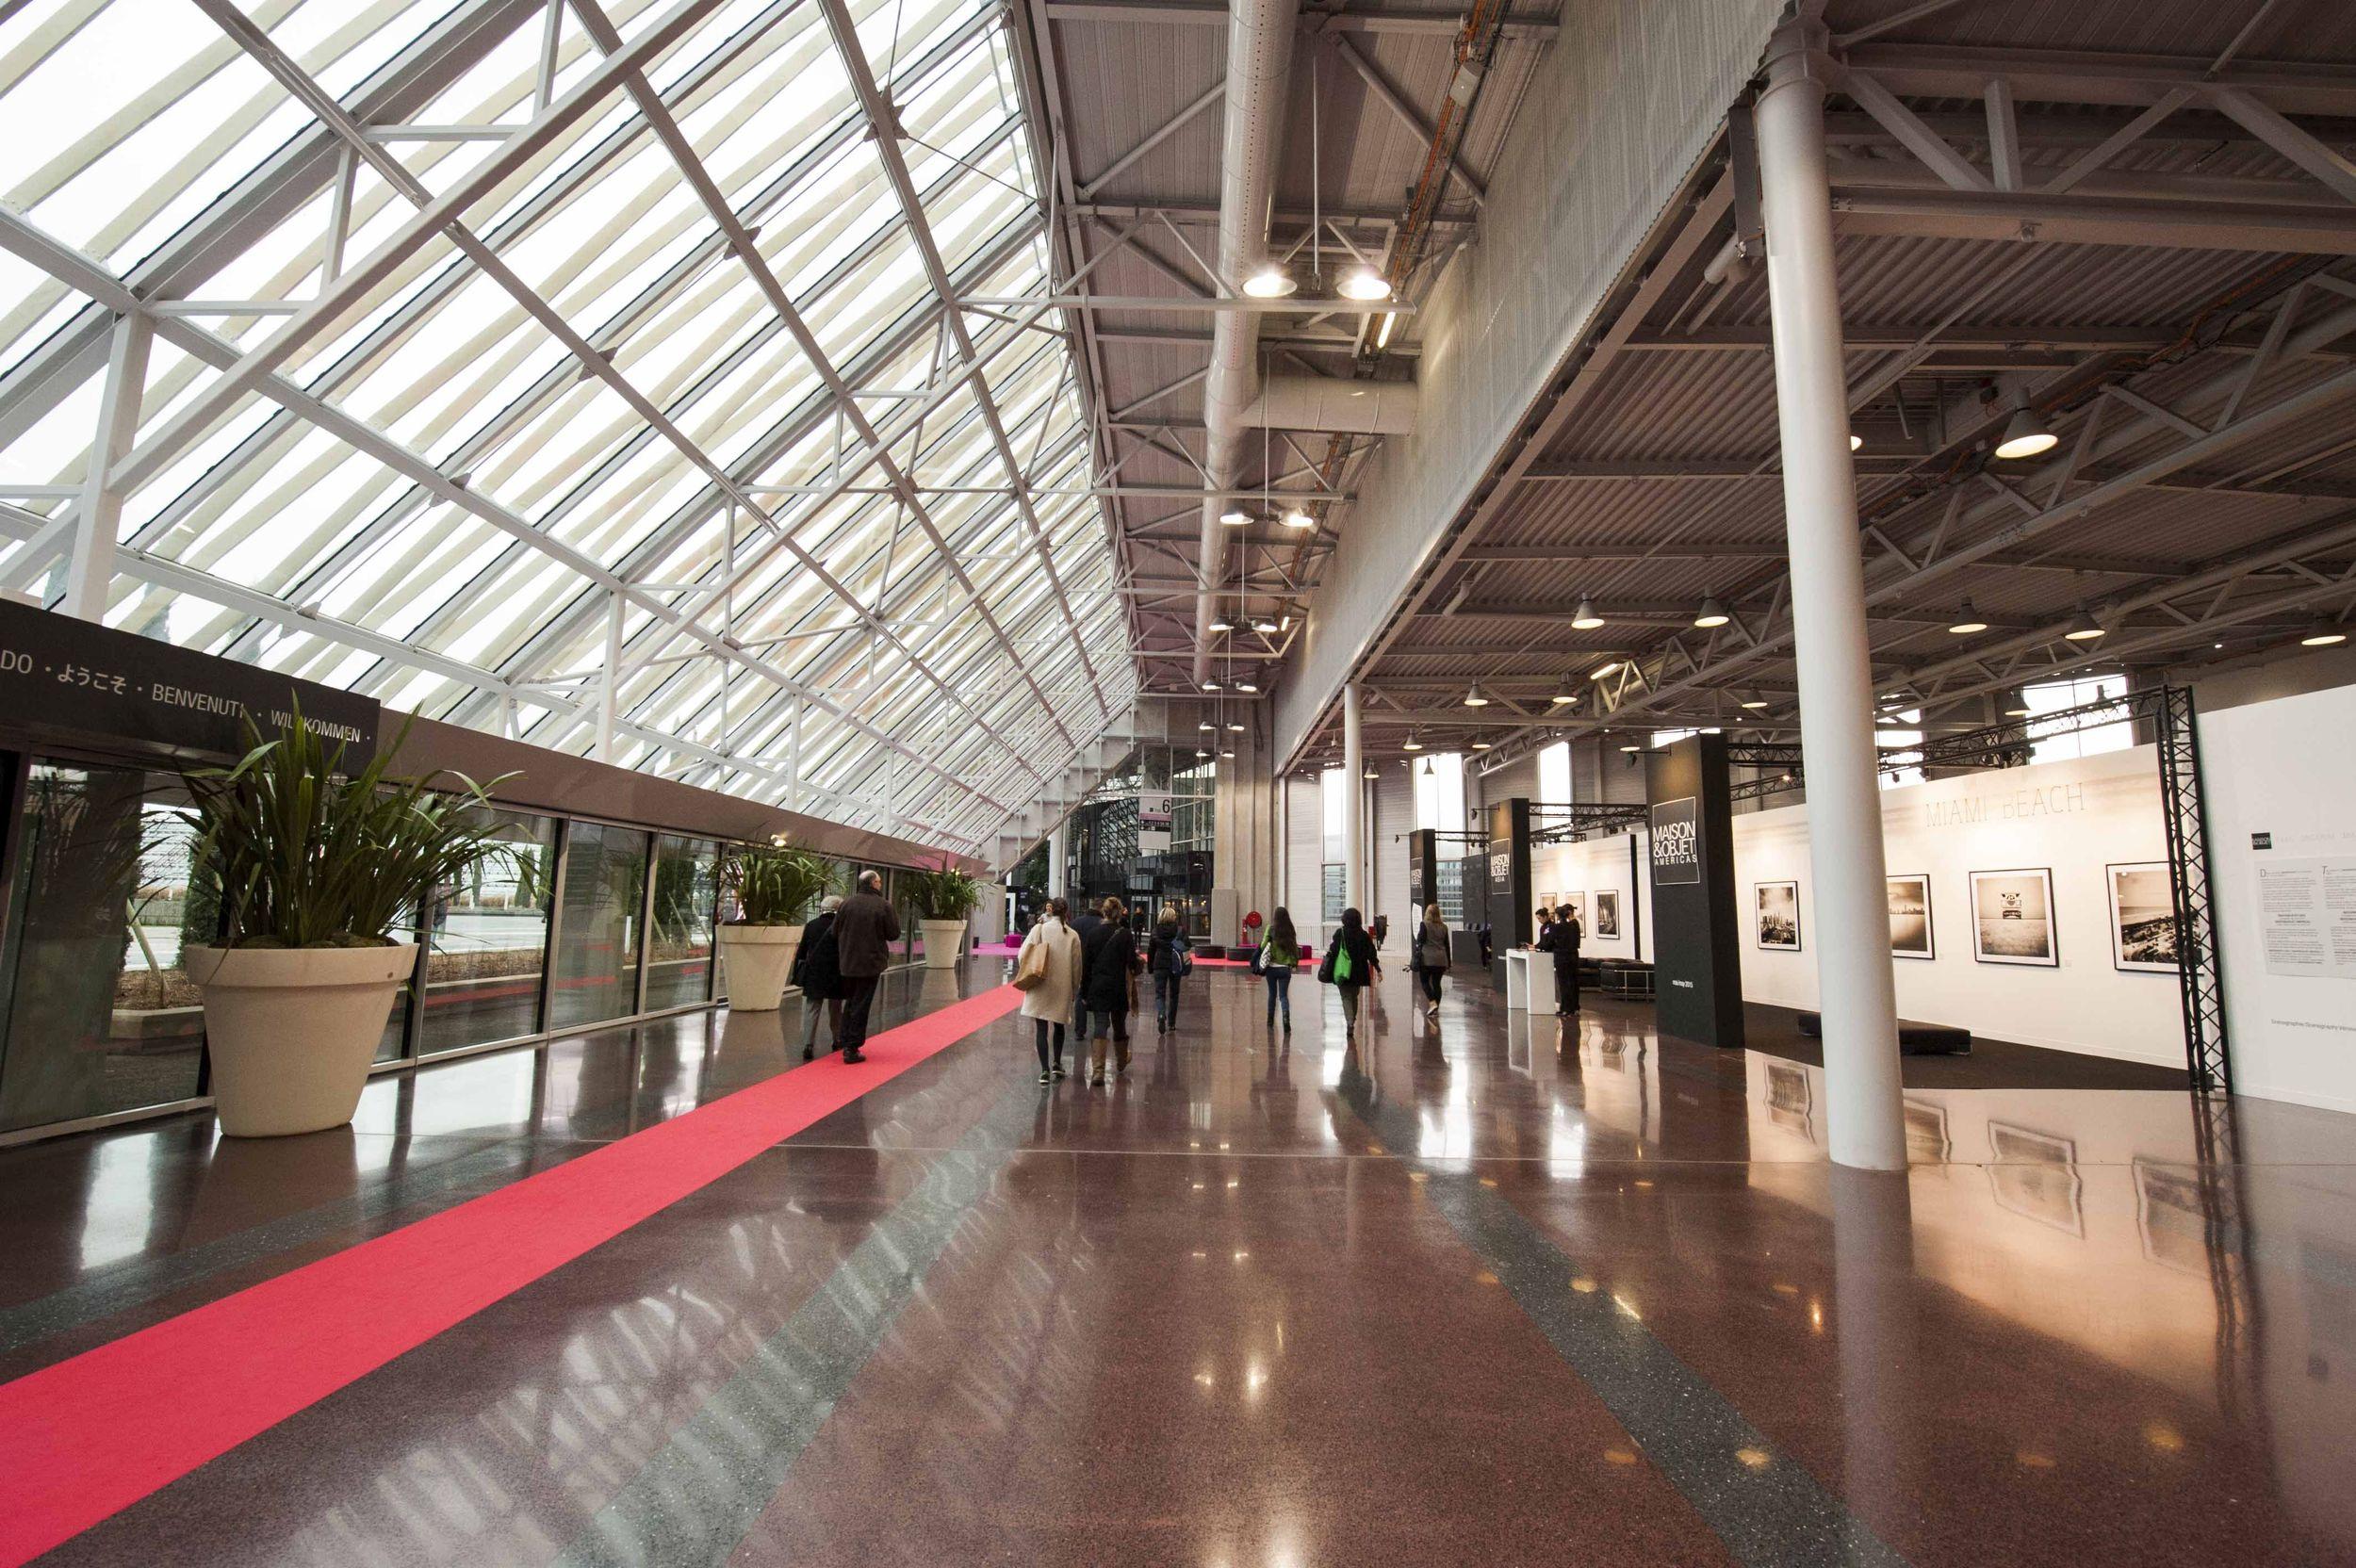 Paris nord villepinte inaugure l 39 extension de la galerie d - Salon au parc des expositions villepinte ...